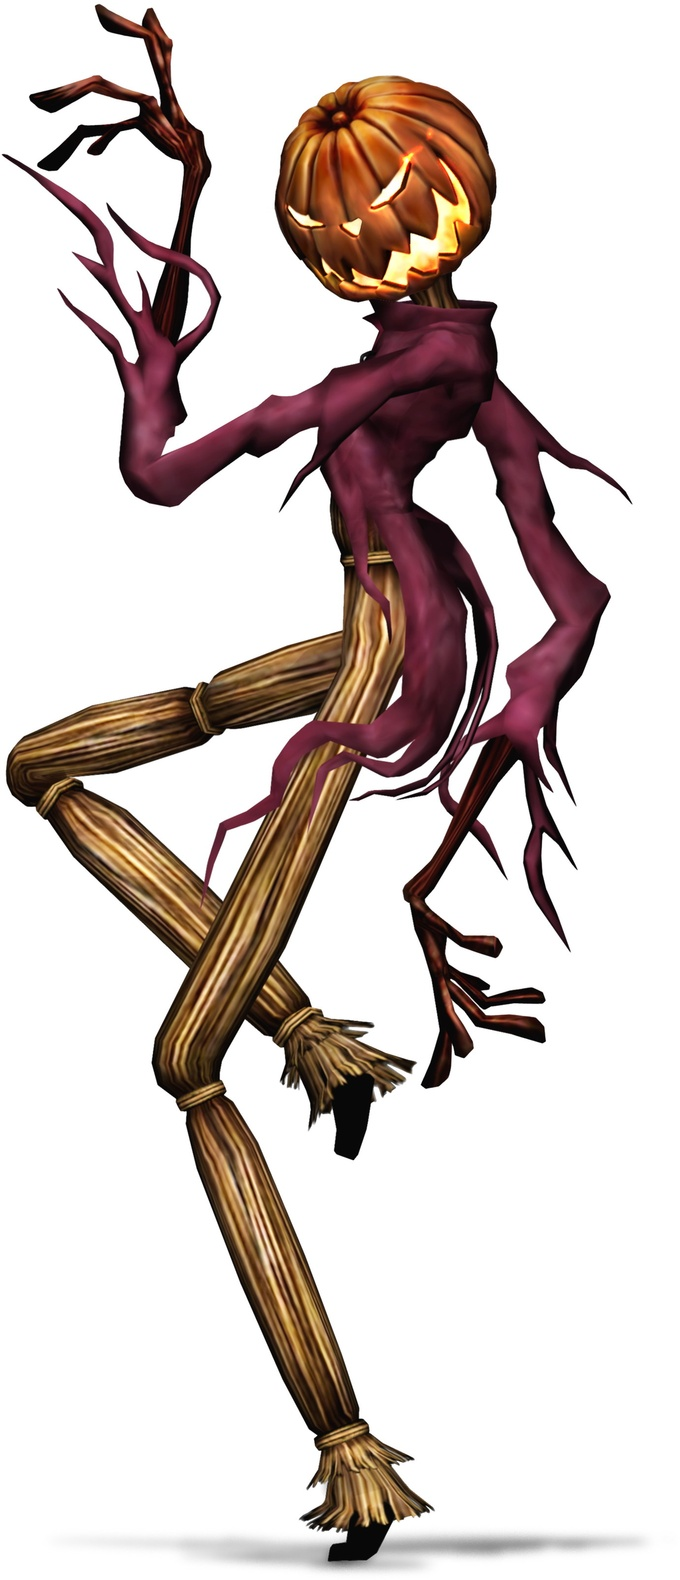 Jack Skellington in his 'Pumpkin King' form by bloatenator ...